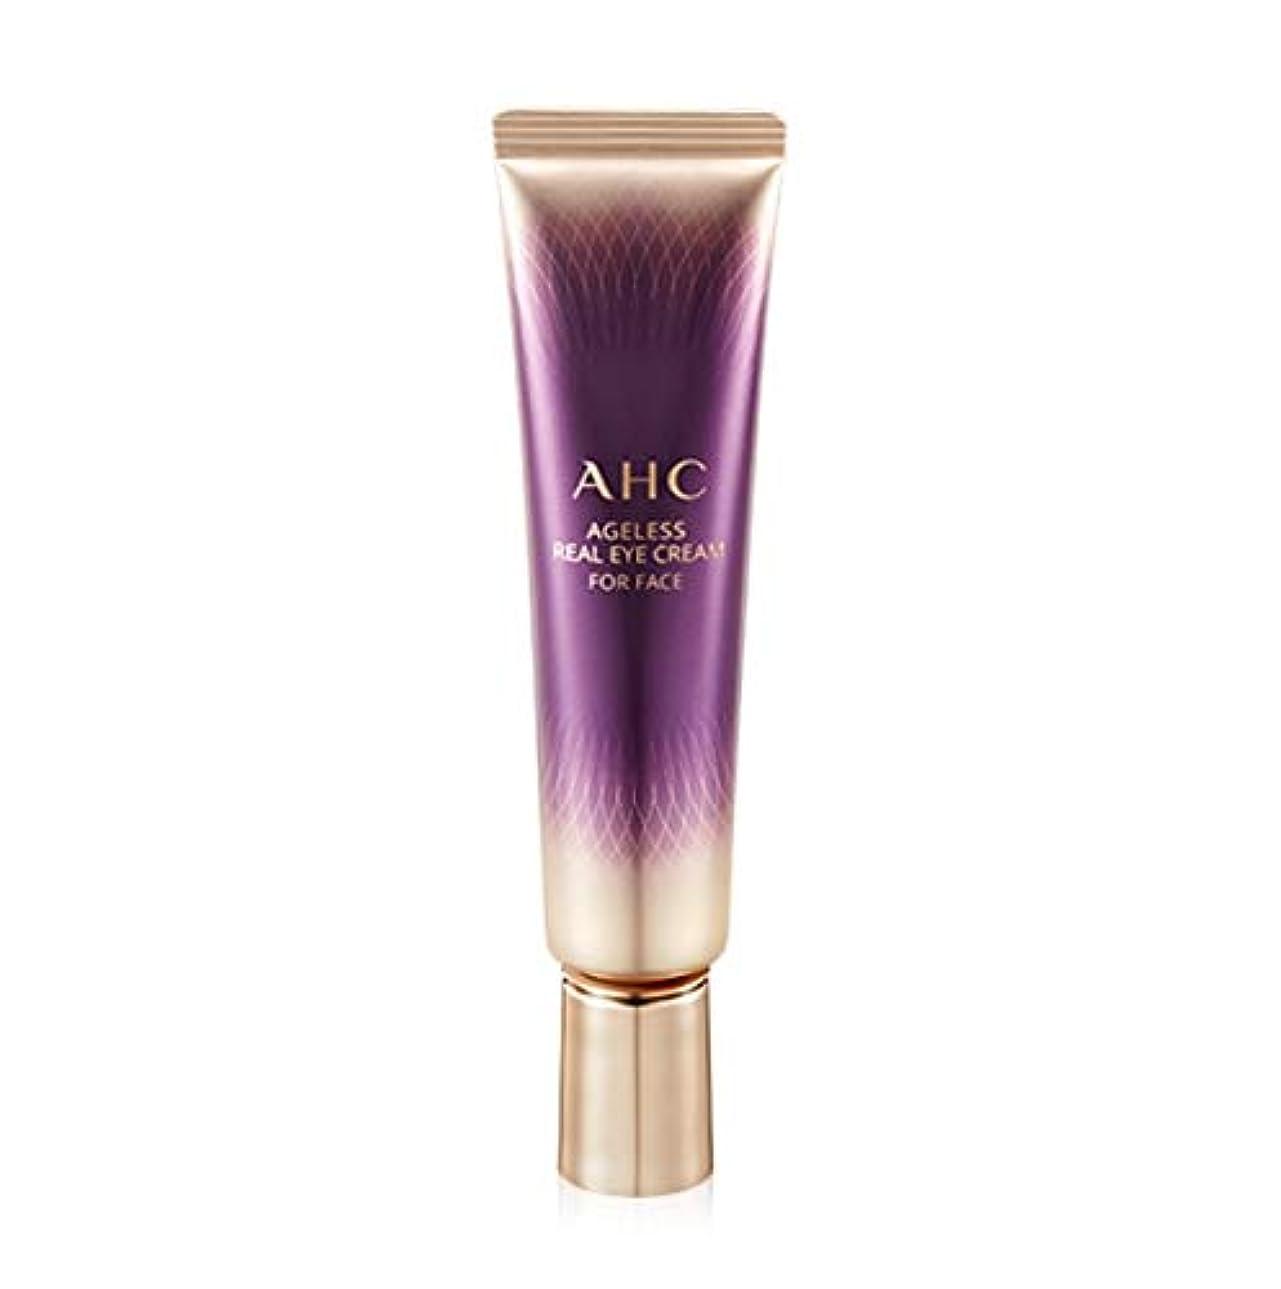 スカリー合体ではごきげんよう[New] AHC Ageless Real Eye Cream For Face Season 7 30ml / AHC エイジレス リアル アイクリーム フォーフェイス 30ml [並行輸入品]